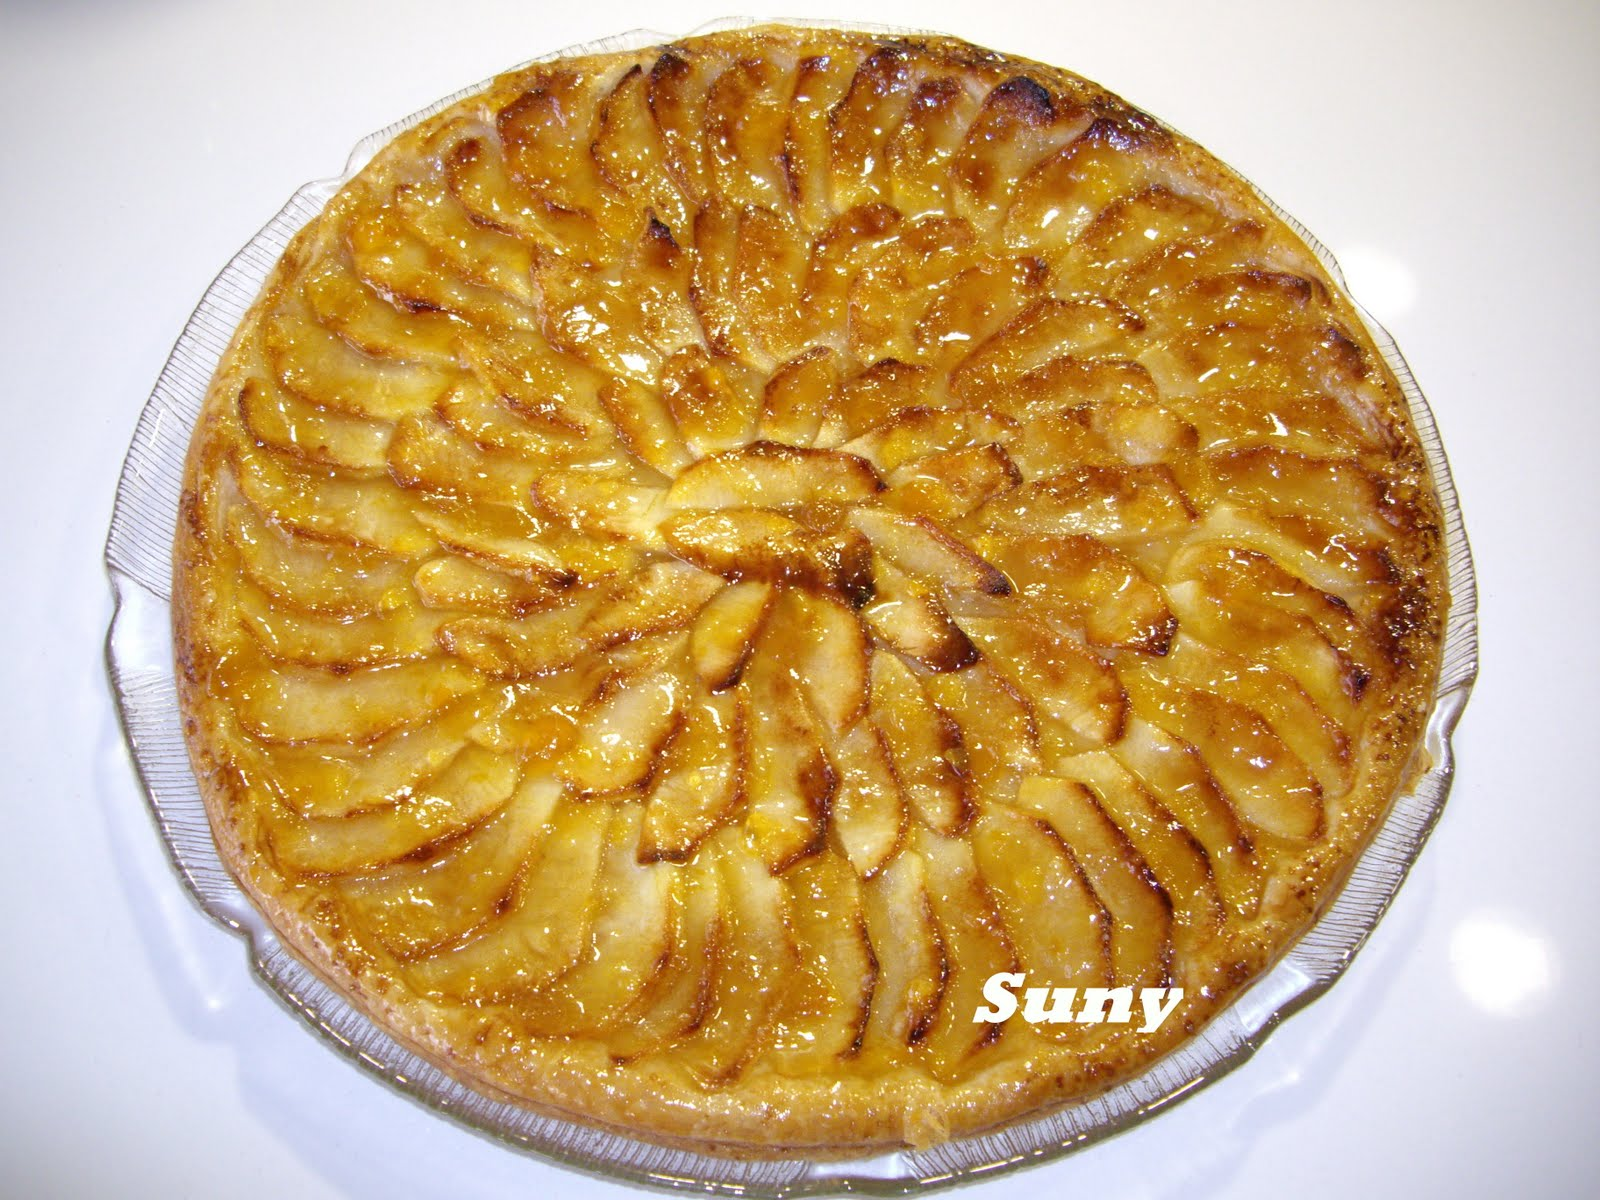 Olivas en la cocina tarta de manzana - Pure de castanas y manzana ...